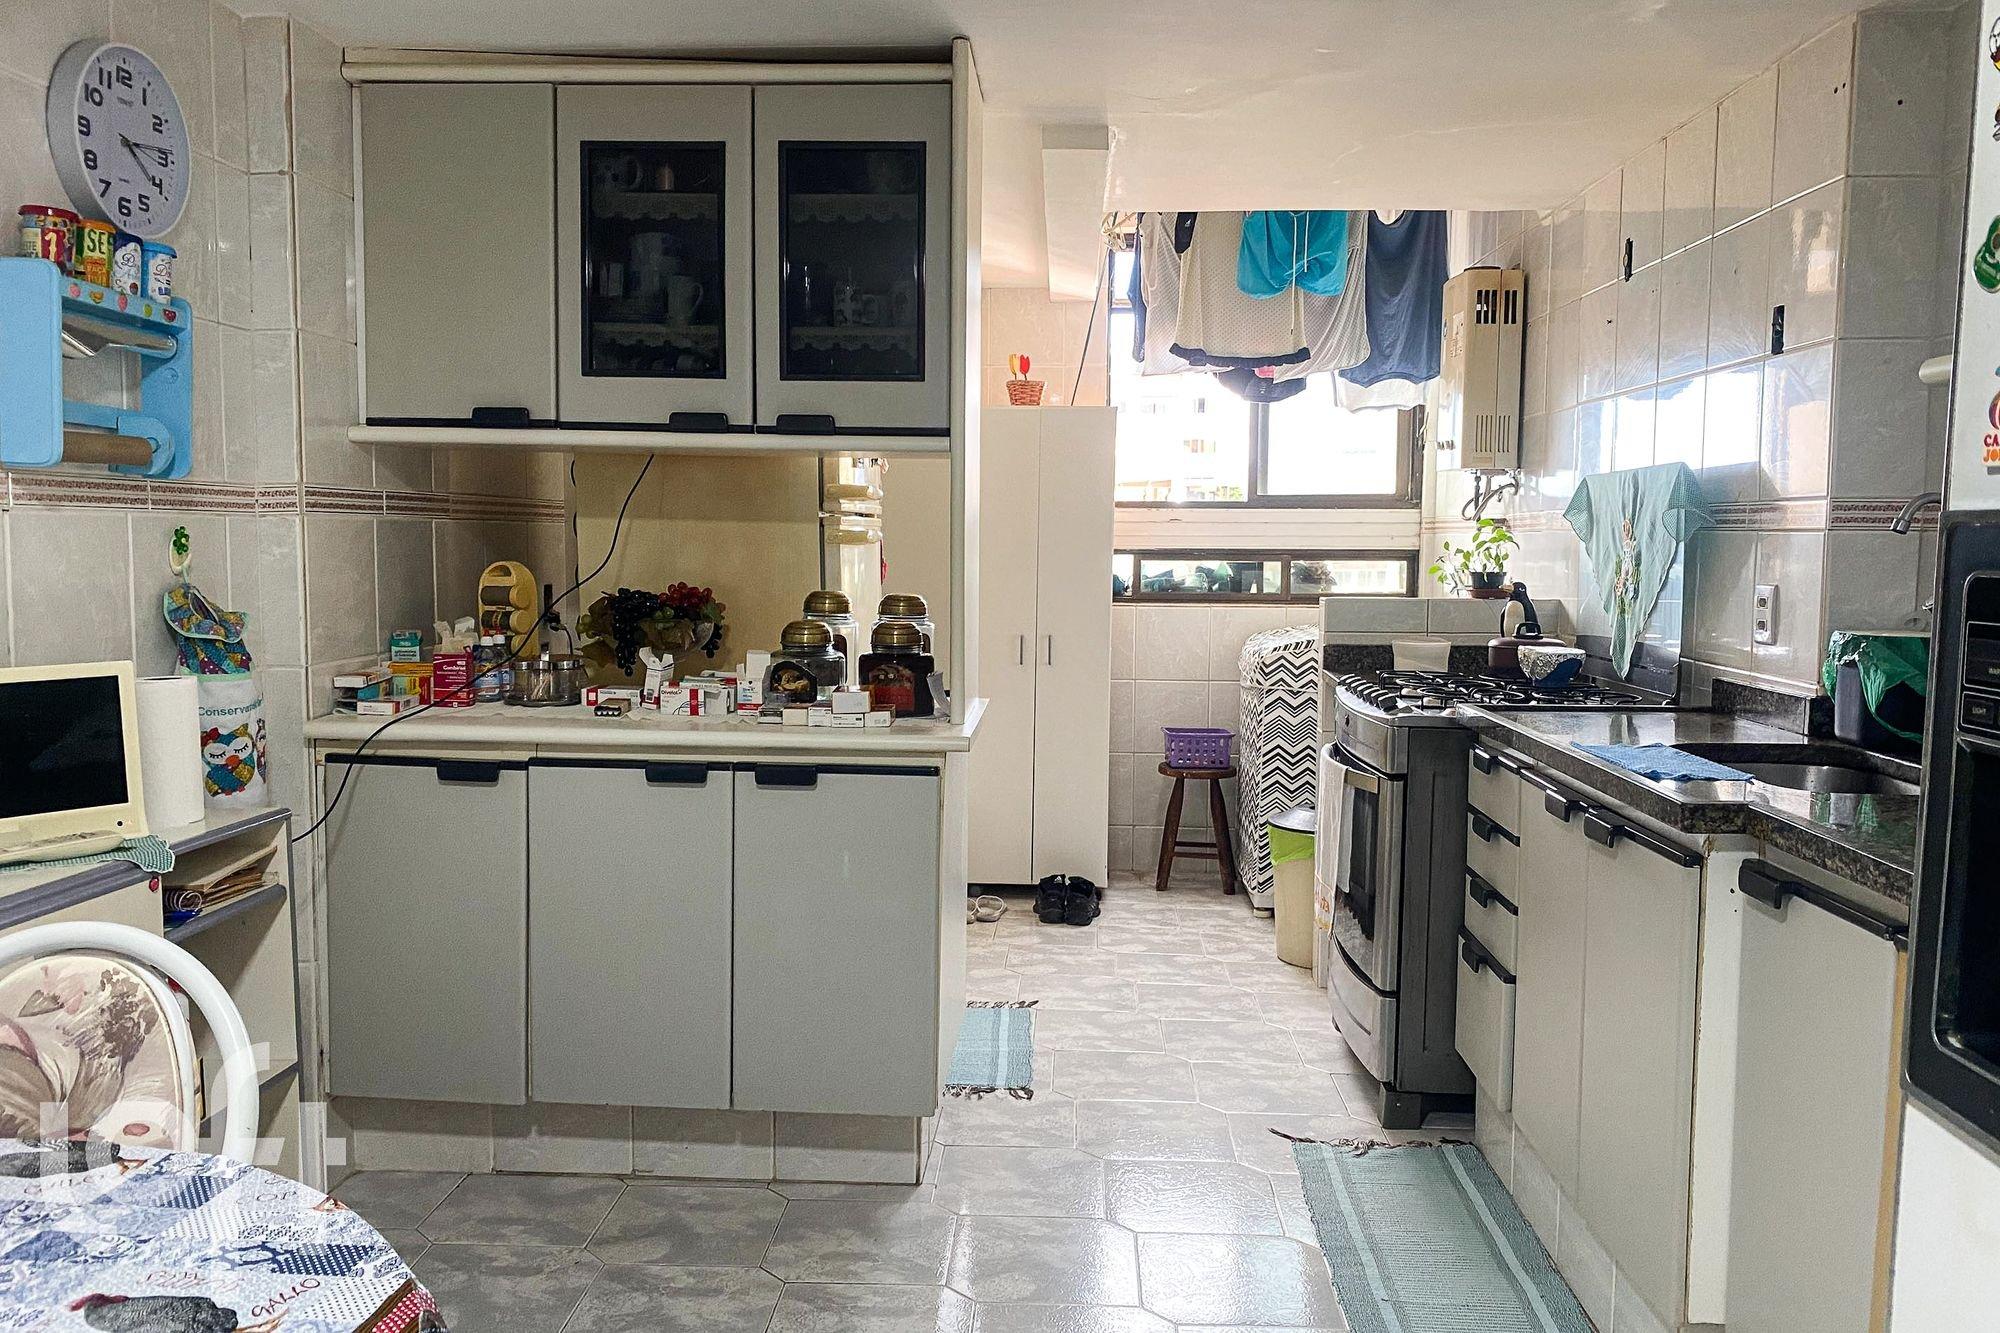 Foto de Cozinha com televisão, relógio, cadeira, mesa de jantar